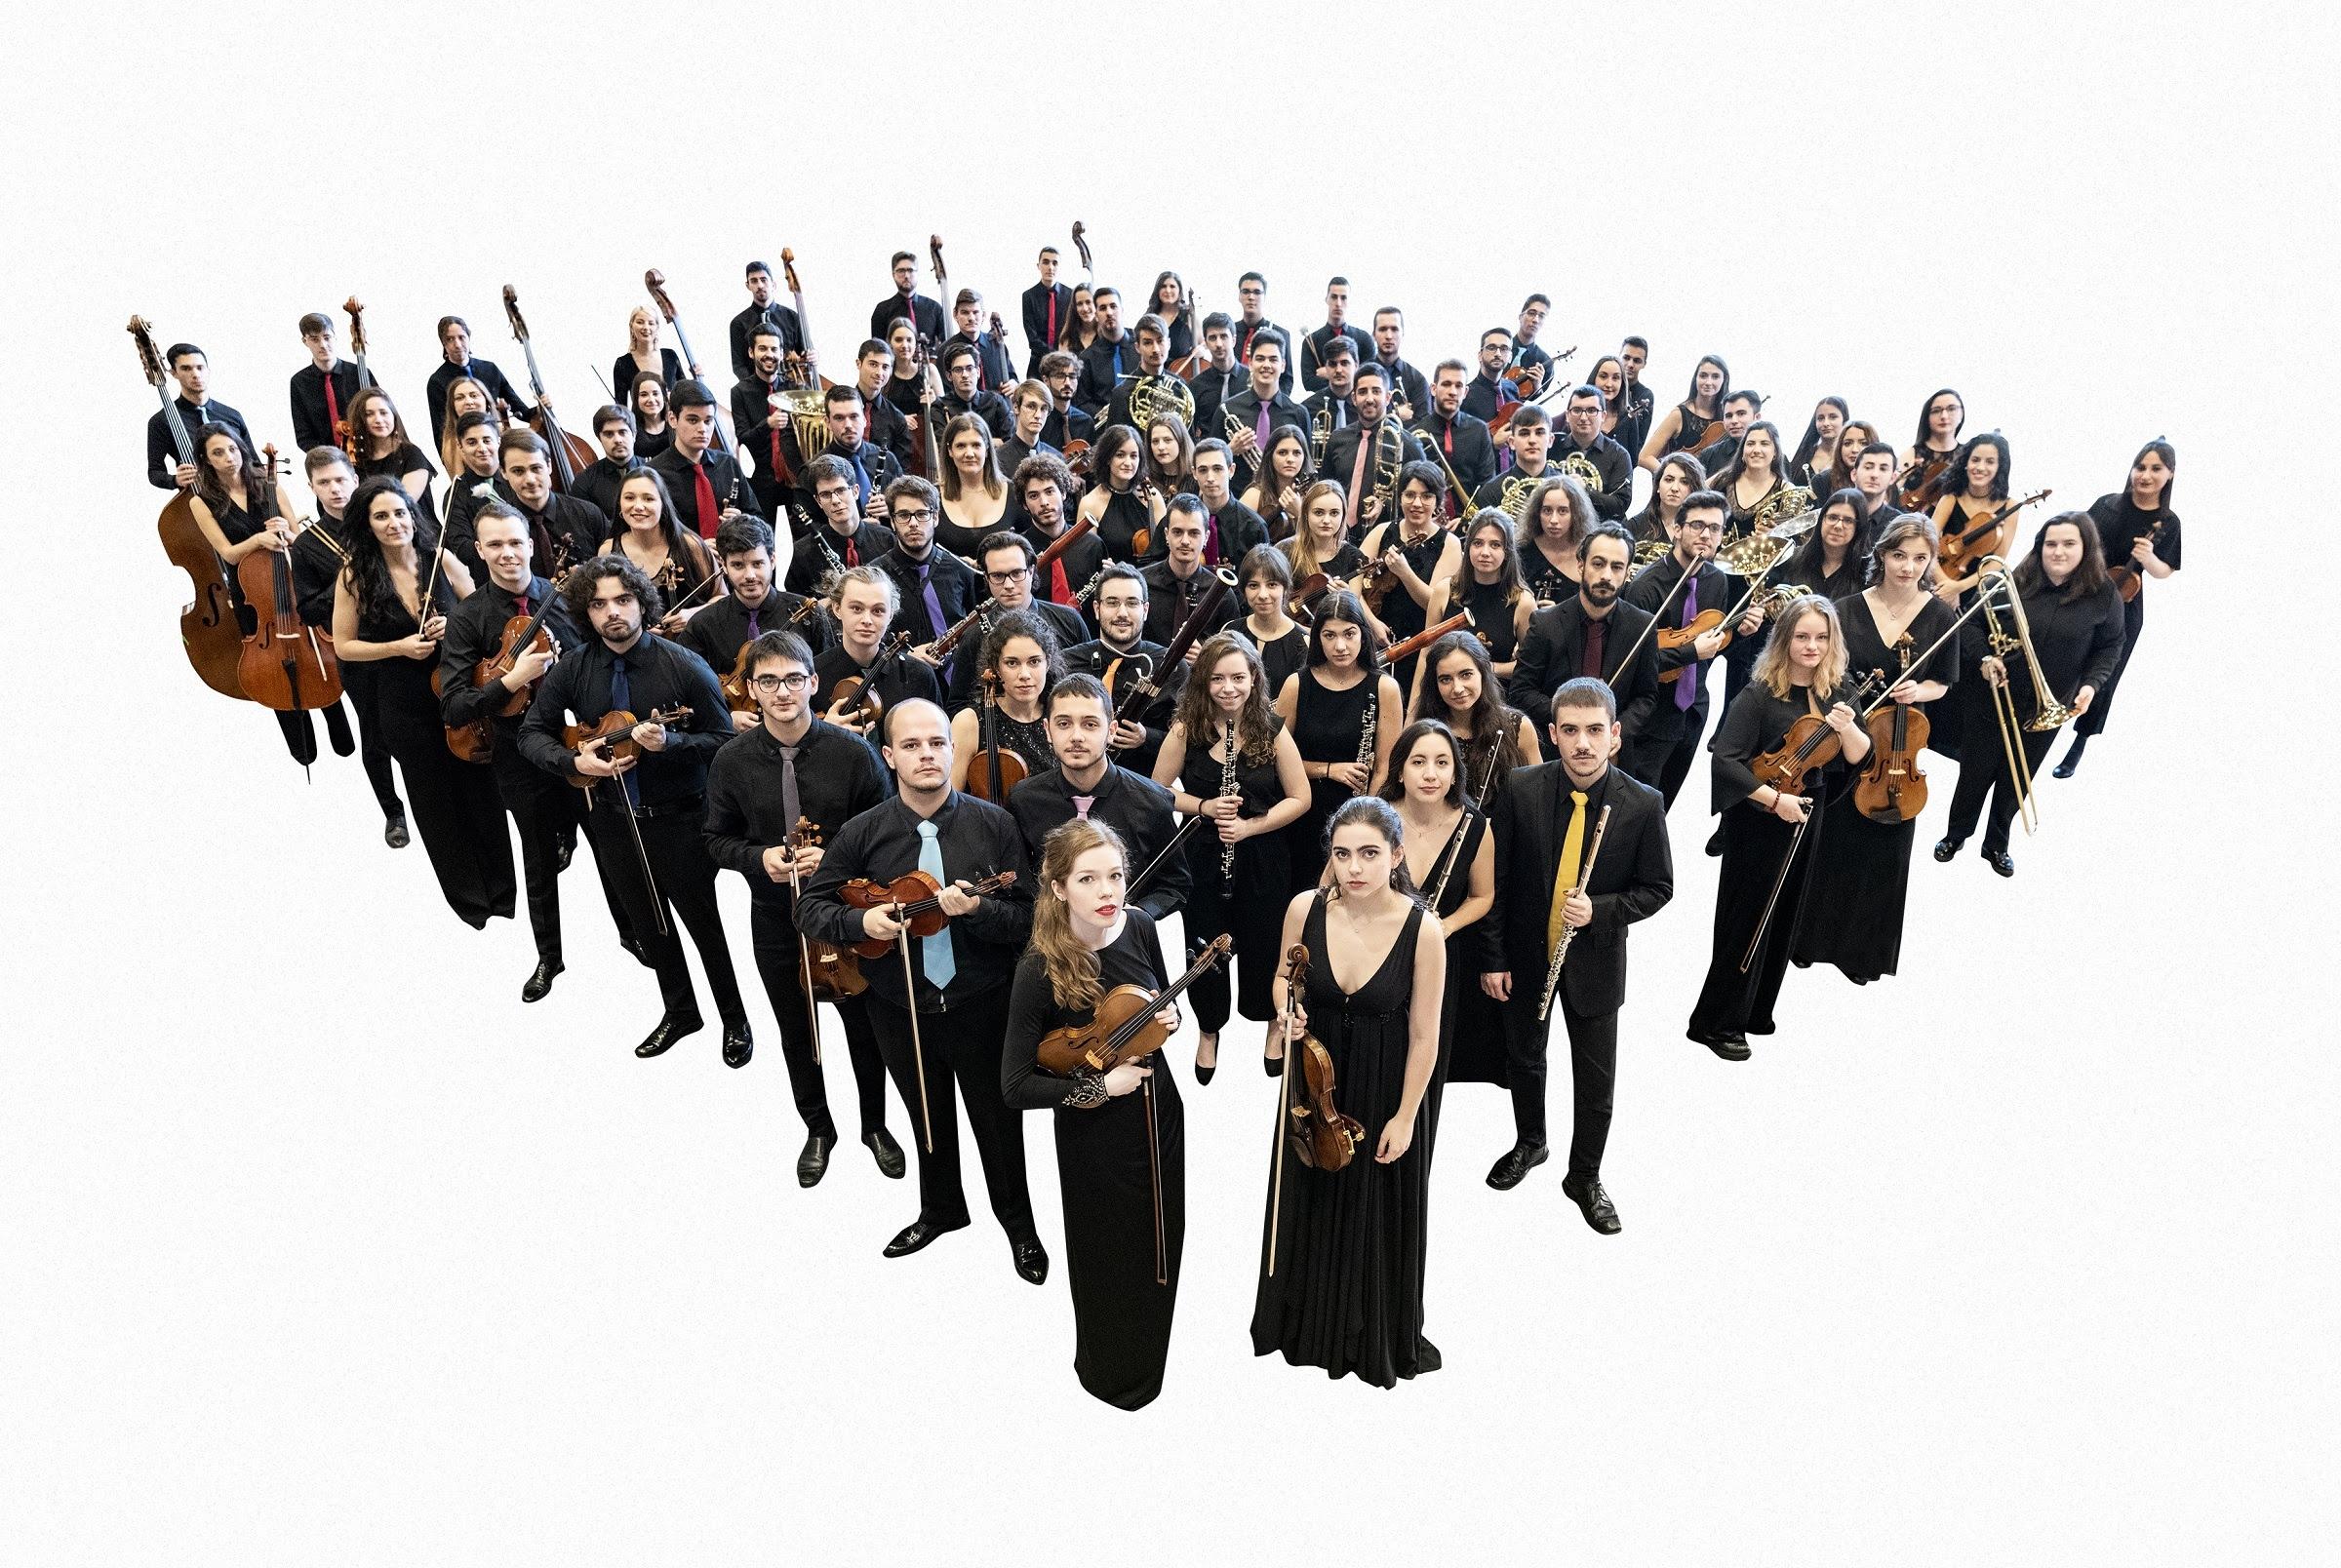 James Conlon dirige la Joven Orquesta Nacional de España en una gira de conciertos de inspiración romántica